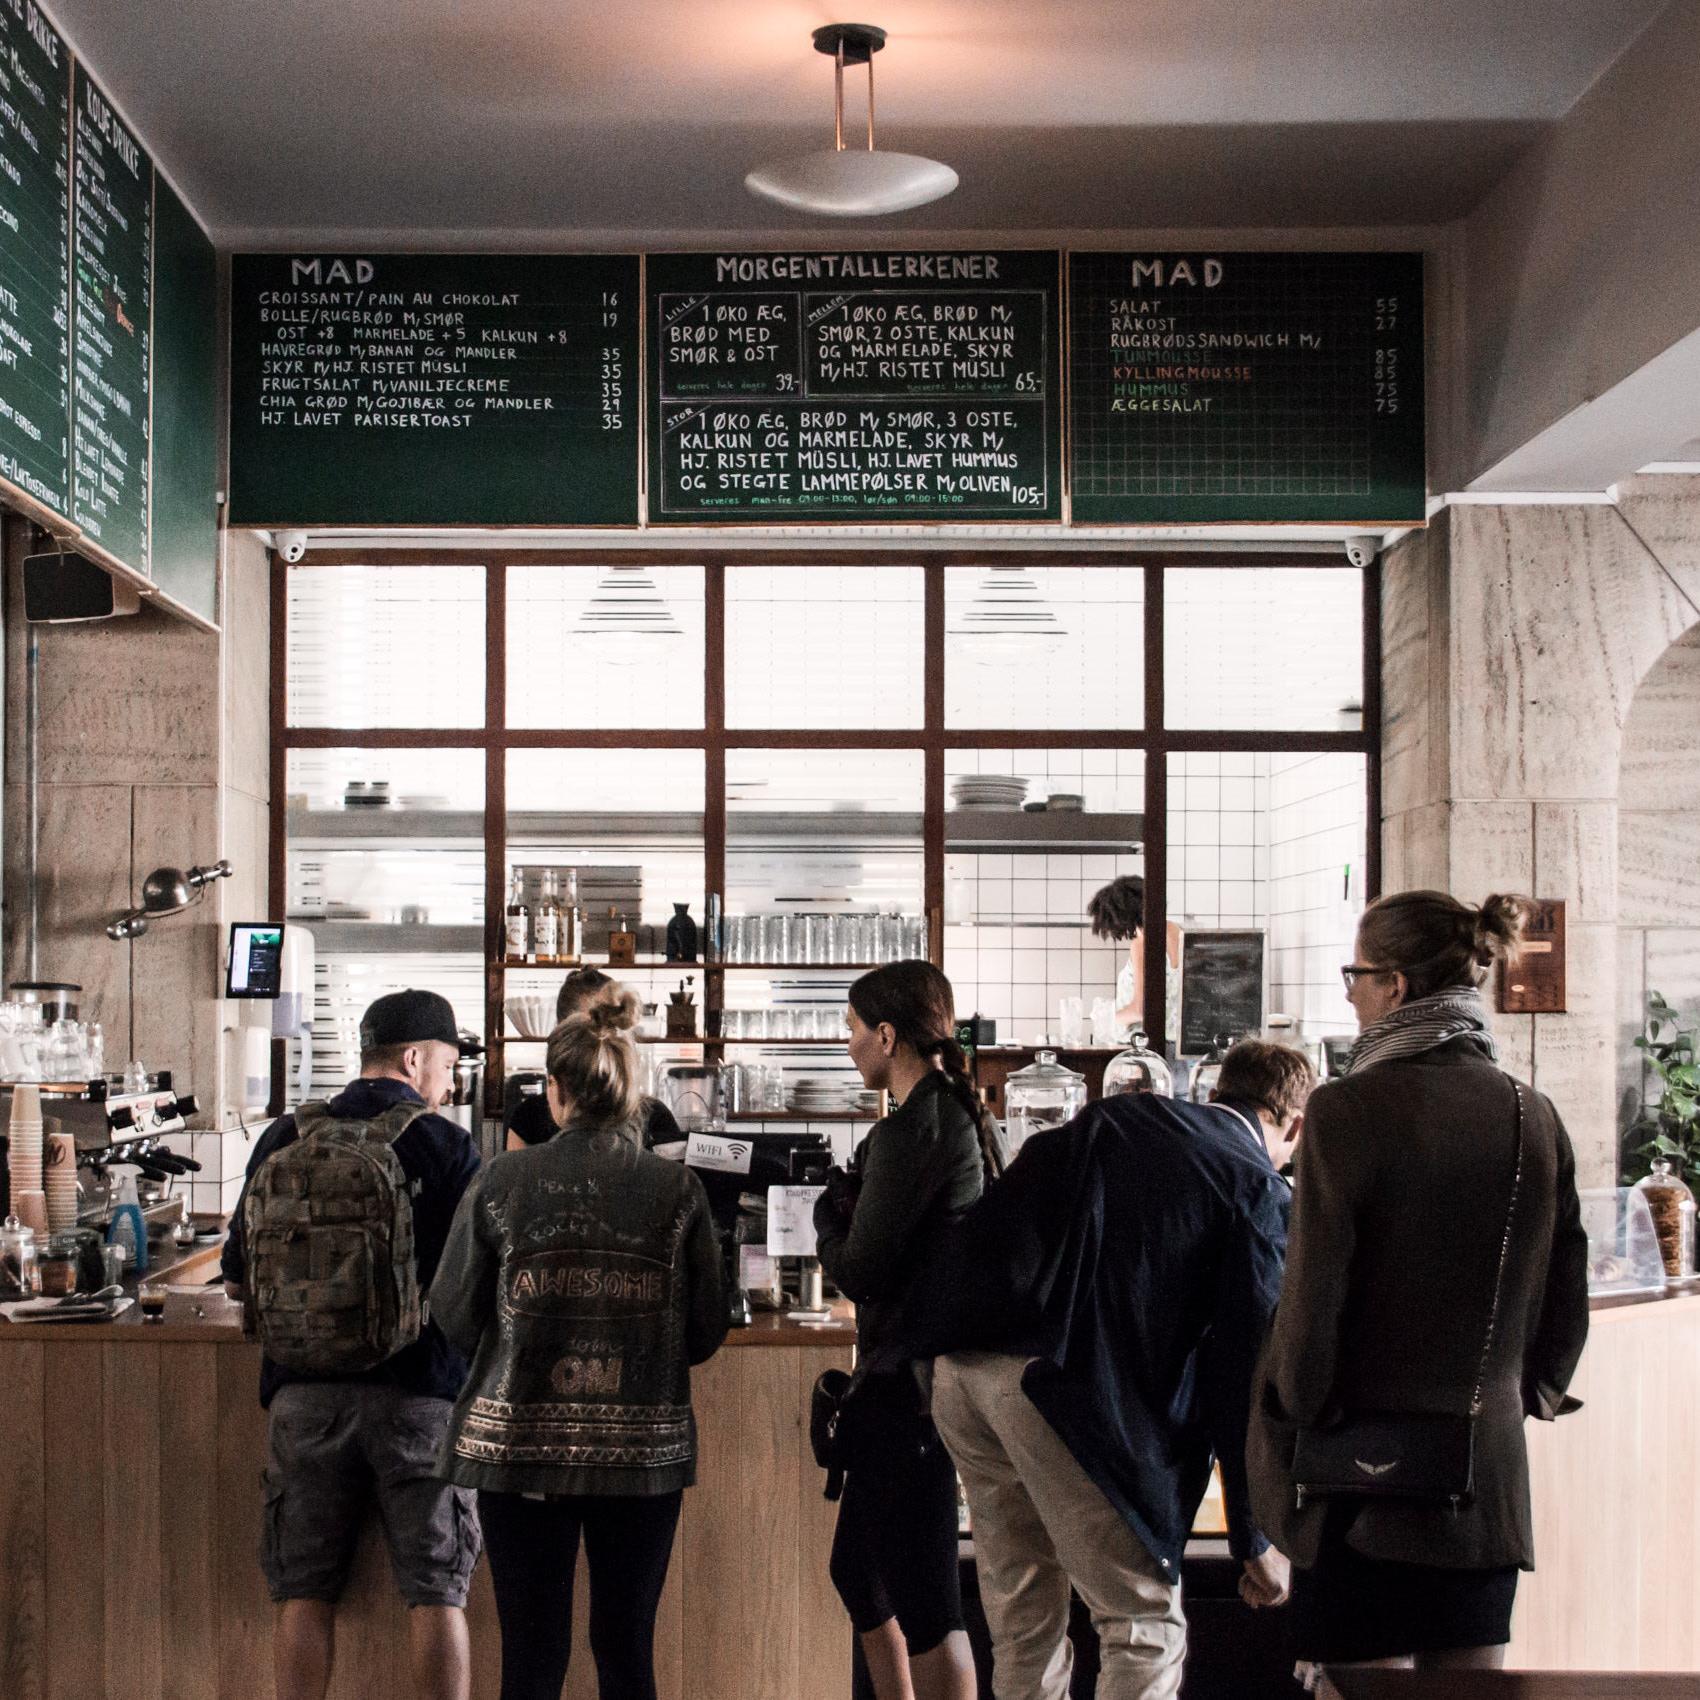 Mokkariet - Jagtvej 72 - Den tidligere blomsterhandlers gamle orangeri, det rustikke mosaikgulv og stenskulpturen skaber smukke rammer for et besøg på Mokkariet på Nørrebro.Vores baristaer står altid klar med et smil og en snak, når du fra hektiske Jagtvej kommer ind i vores store og rolige rum for en kaffepause eller et måltid mad.